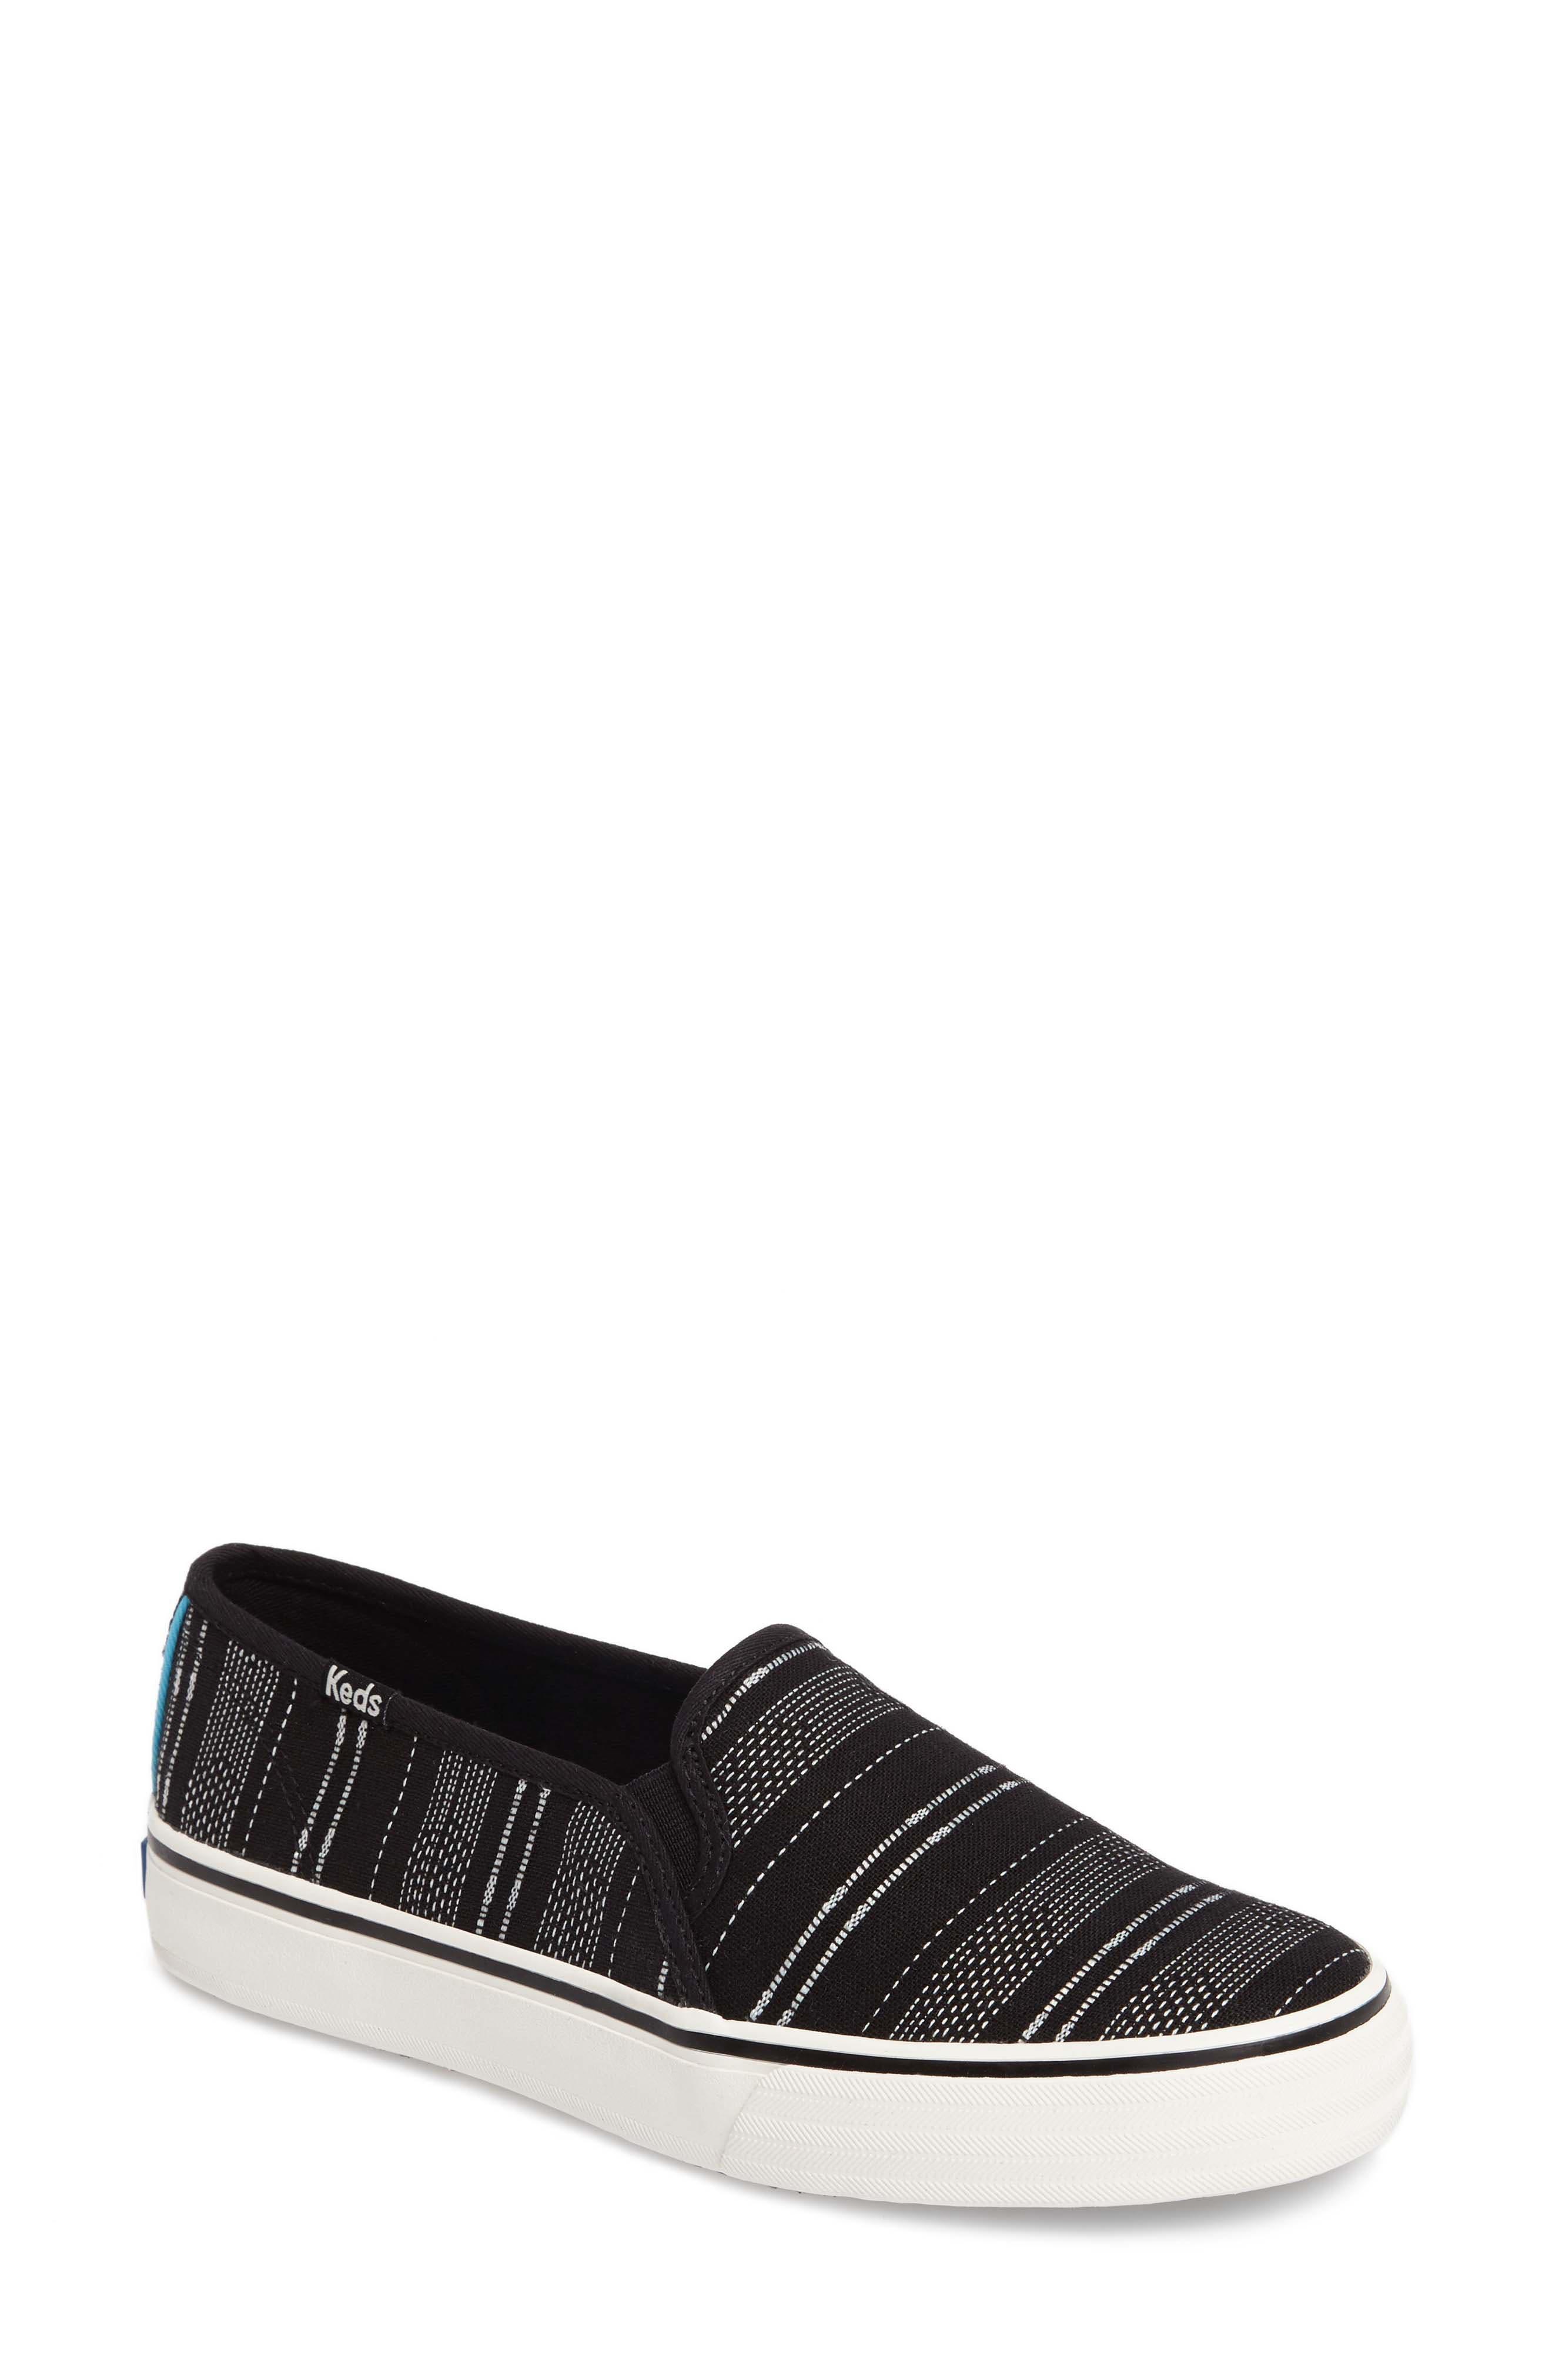 Keds® Double Decker Baja Stripe Slip-On Sneaker (Women)